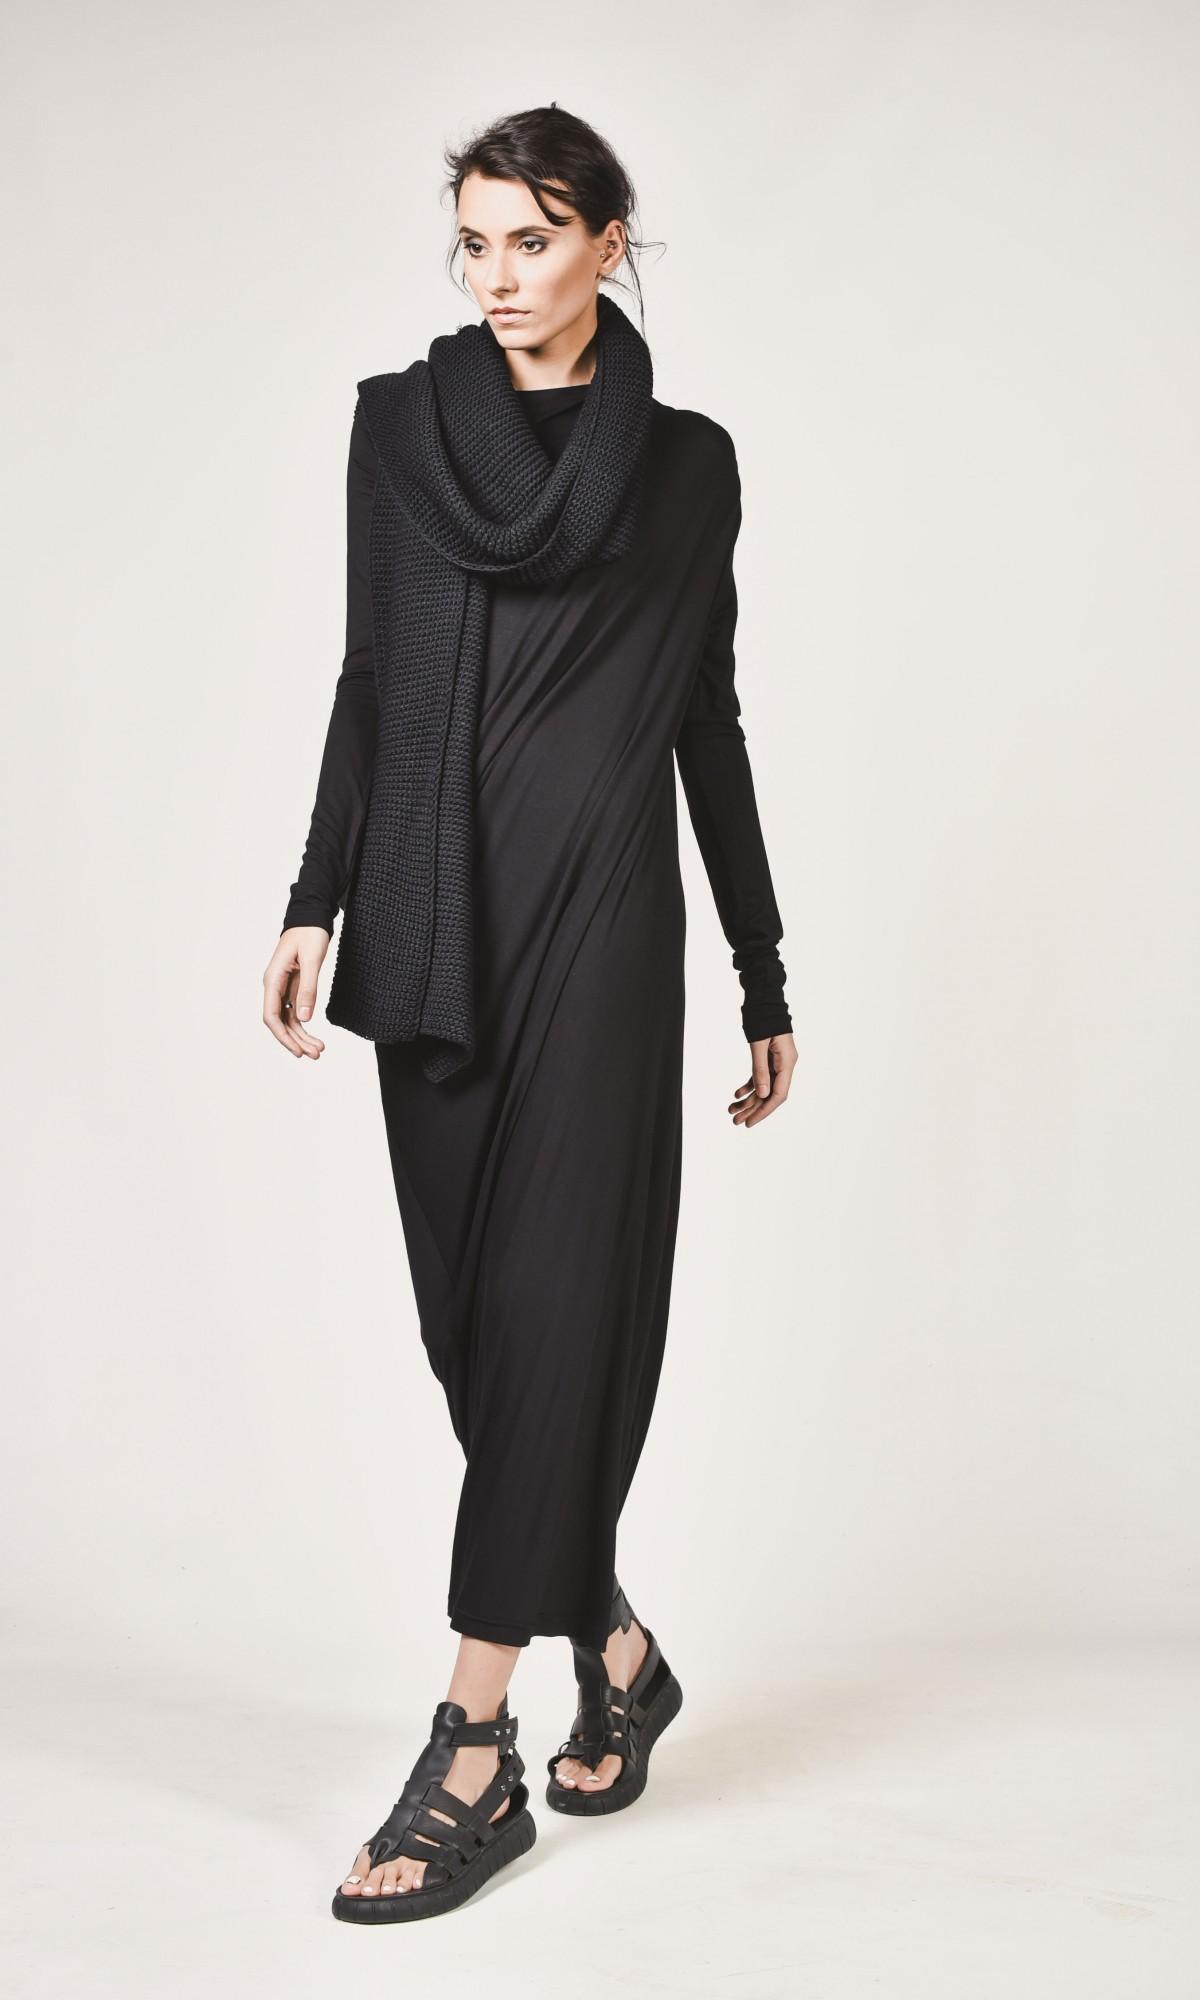 Black Extravagant Maxi Dress A03257